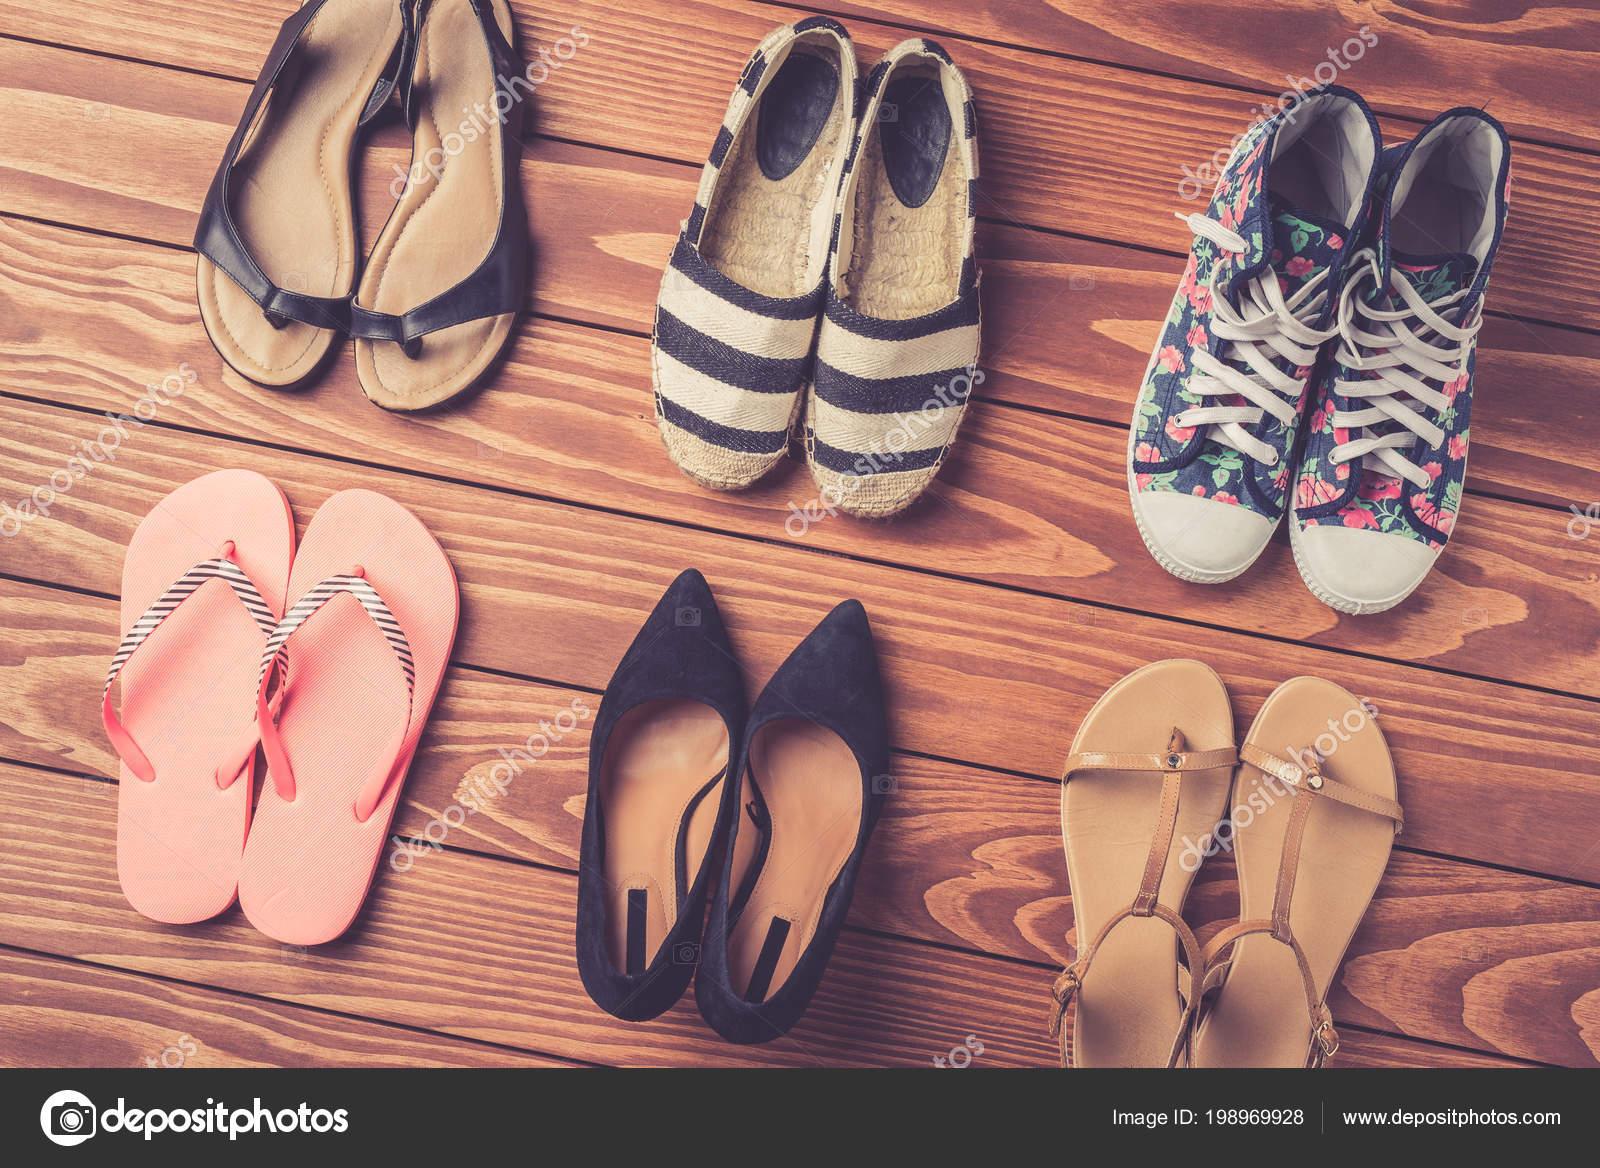 — Fotos Fondo Zapatos Stock De Mujer Colección Madera Sobre TUgwqP